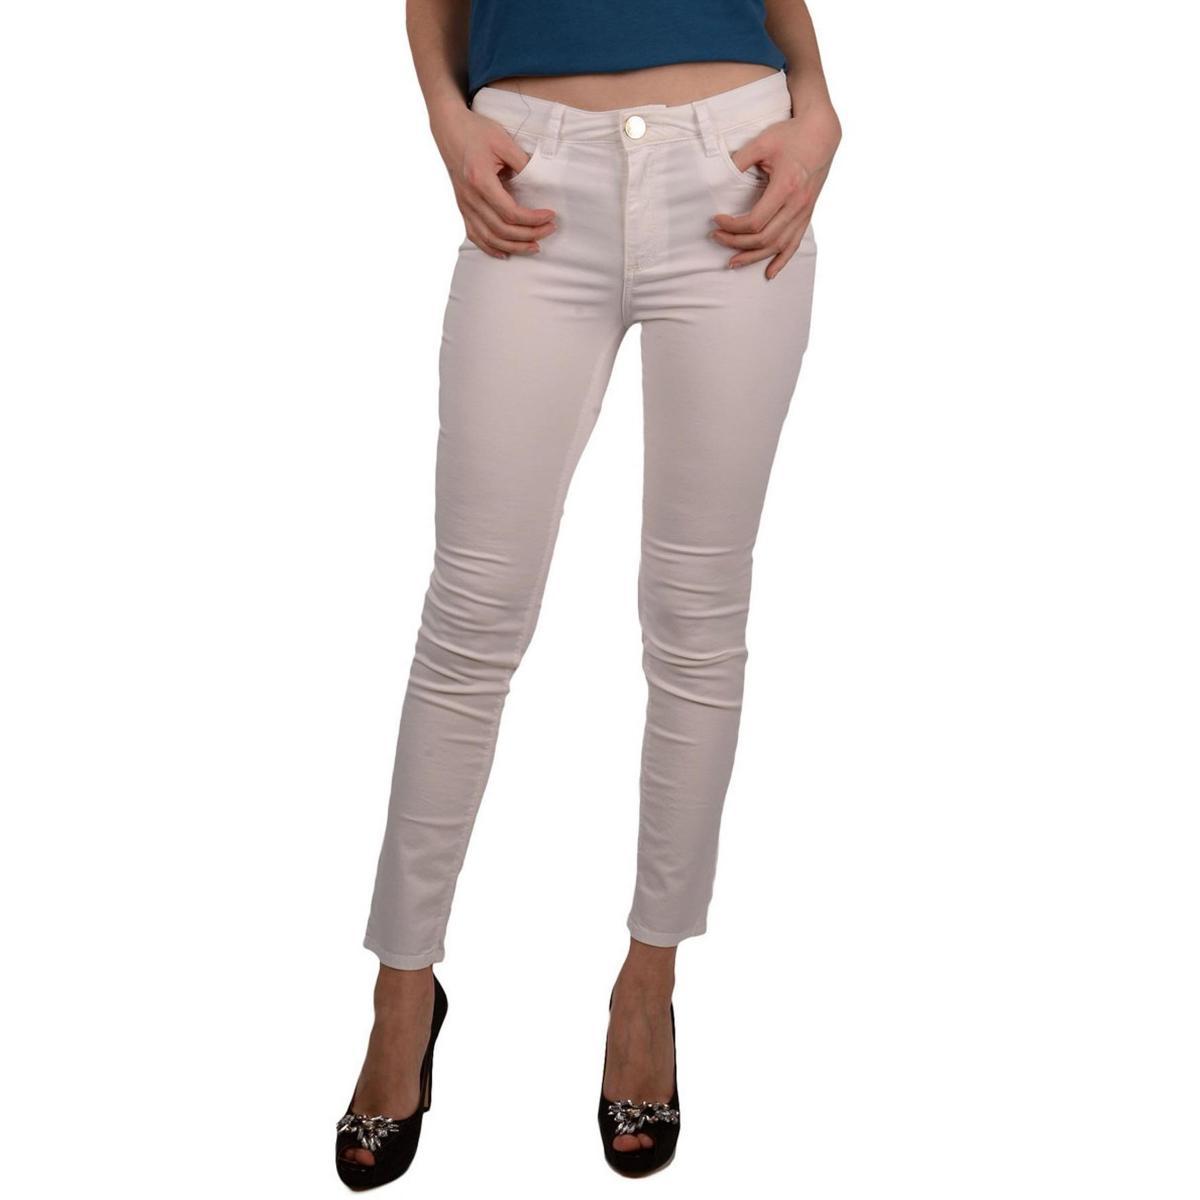 Pantaloni Trussardi regular fit da donna rif. 56J00024 1T000620